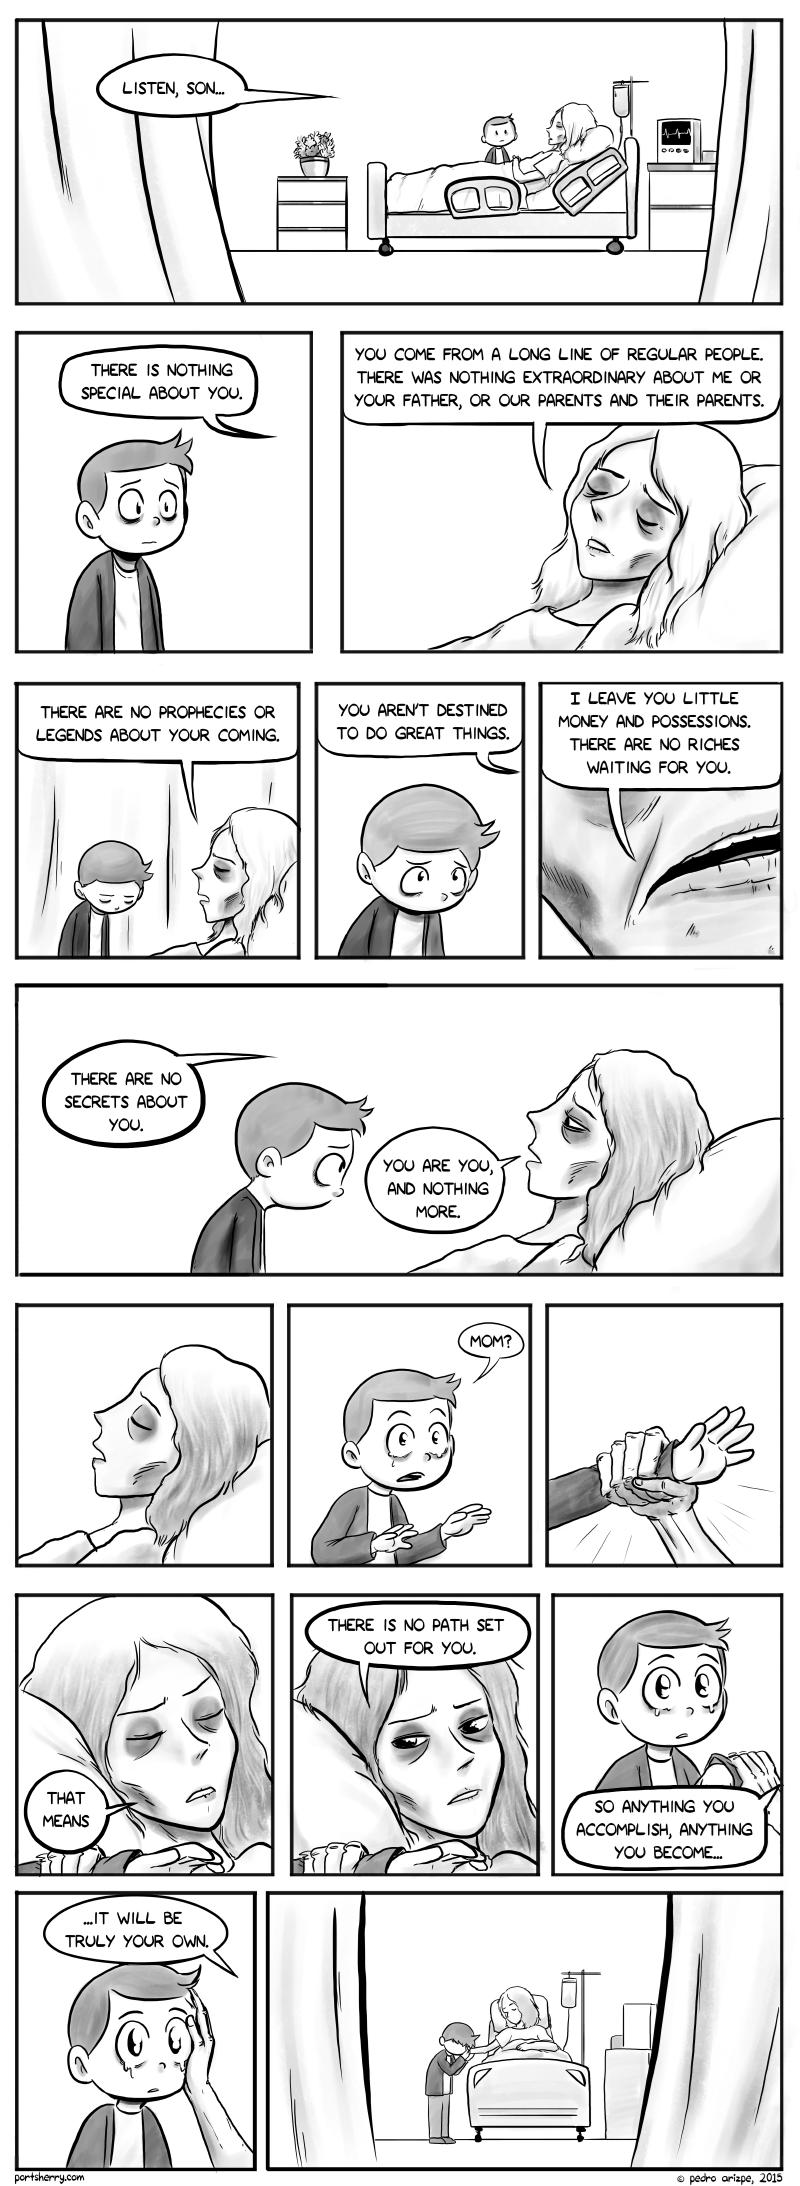 Sad parenting web comics - 8964918784